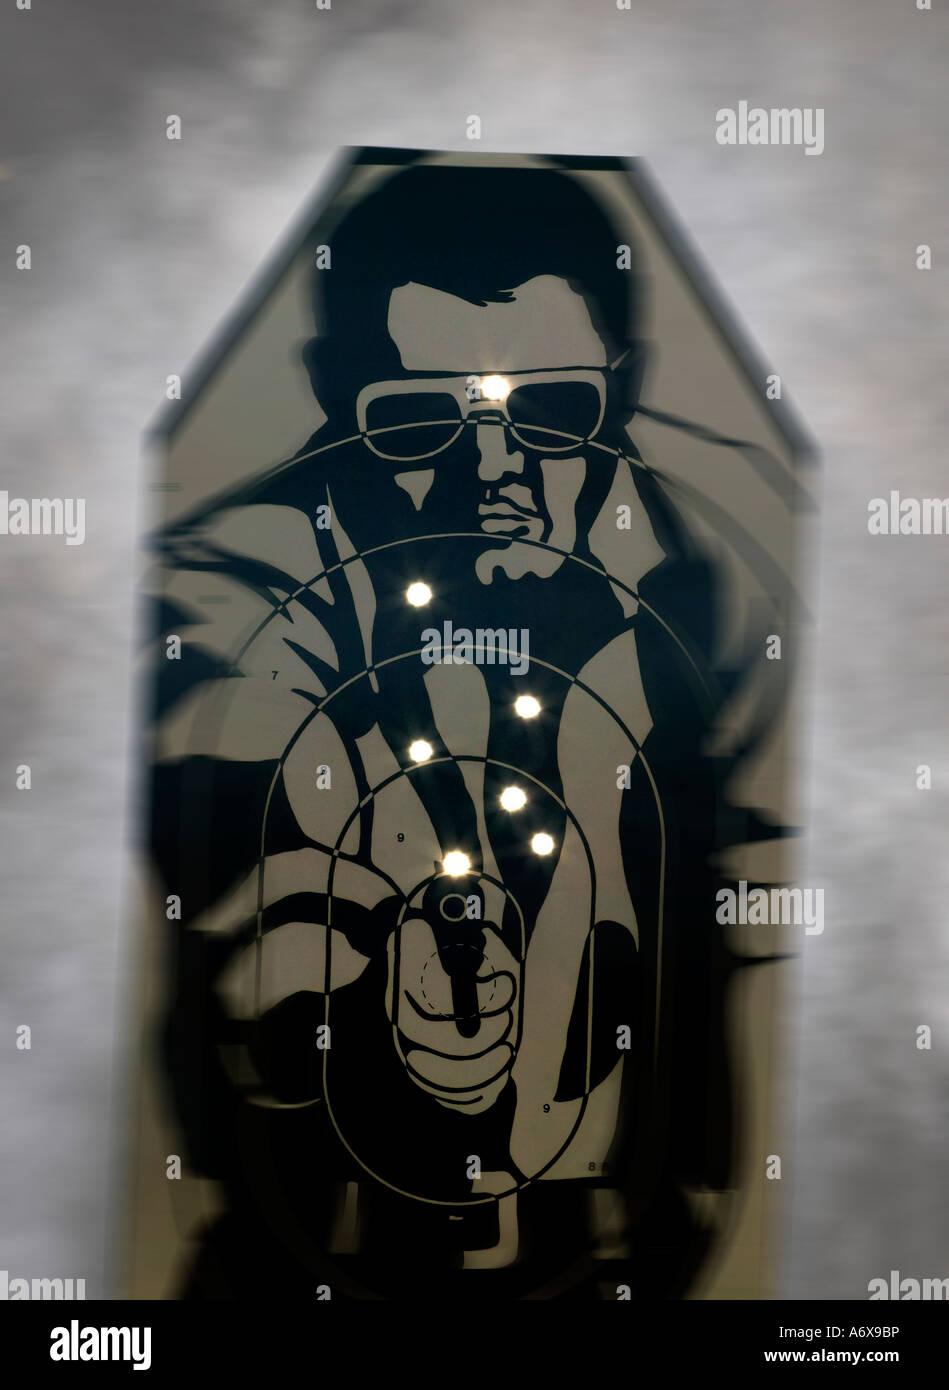 Una práctica de tiro target acribillada de balas. Imagen De Stock